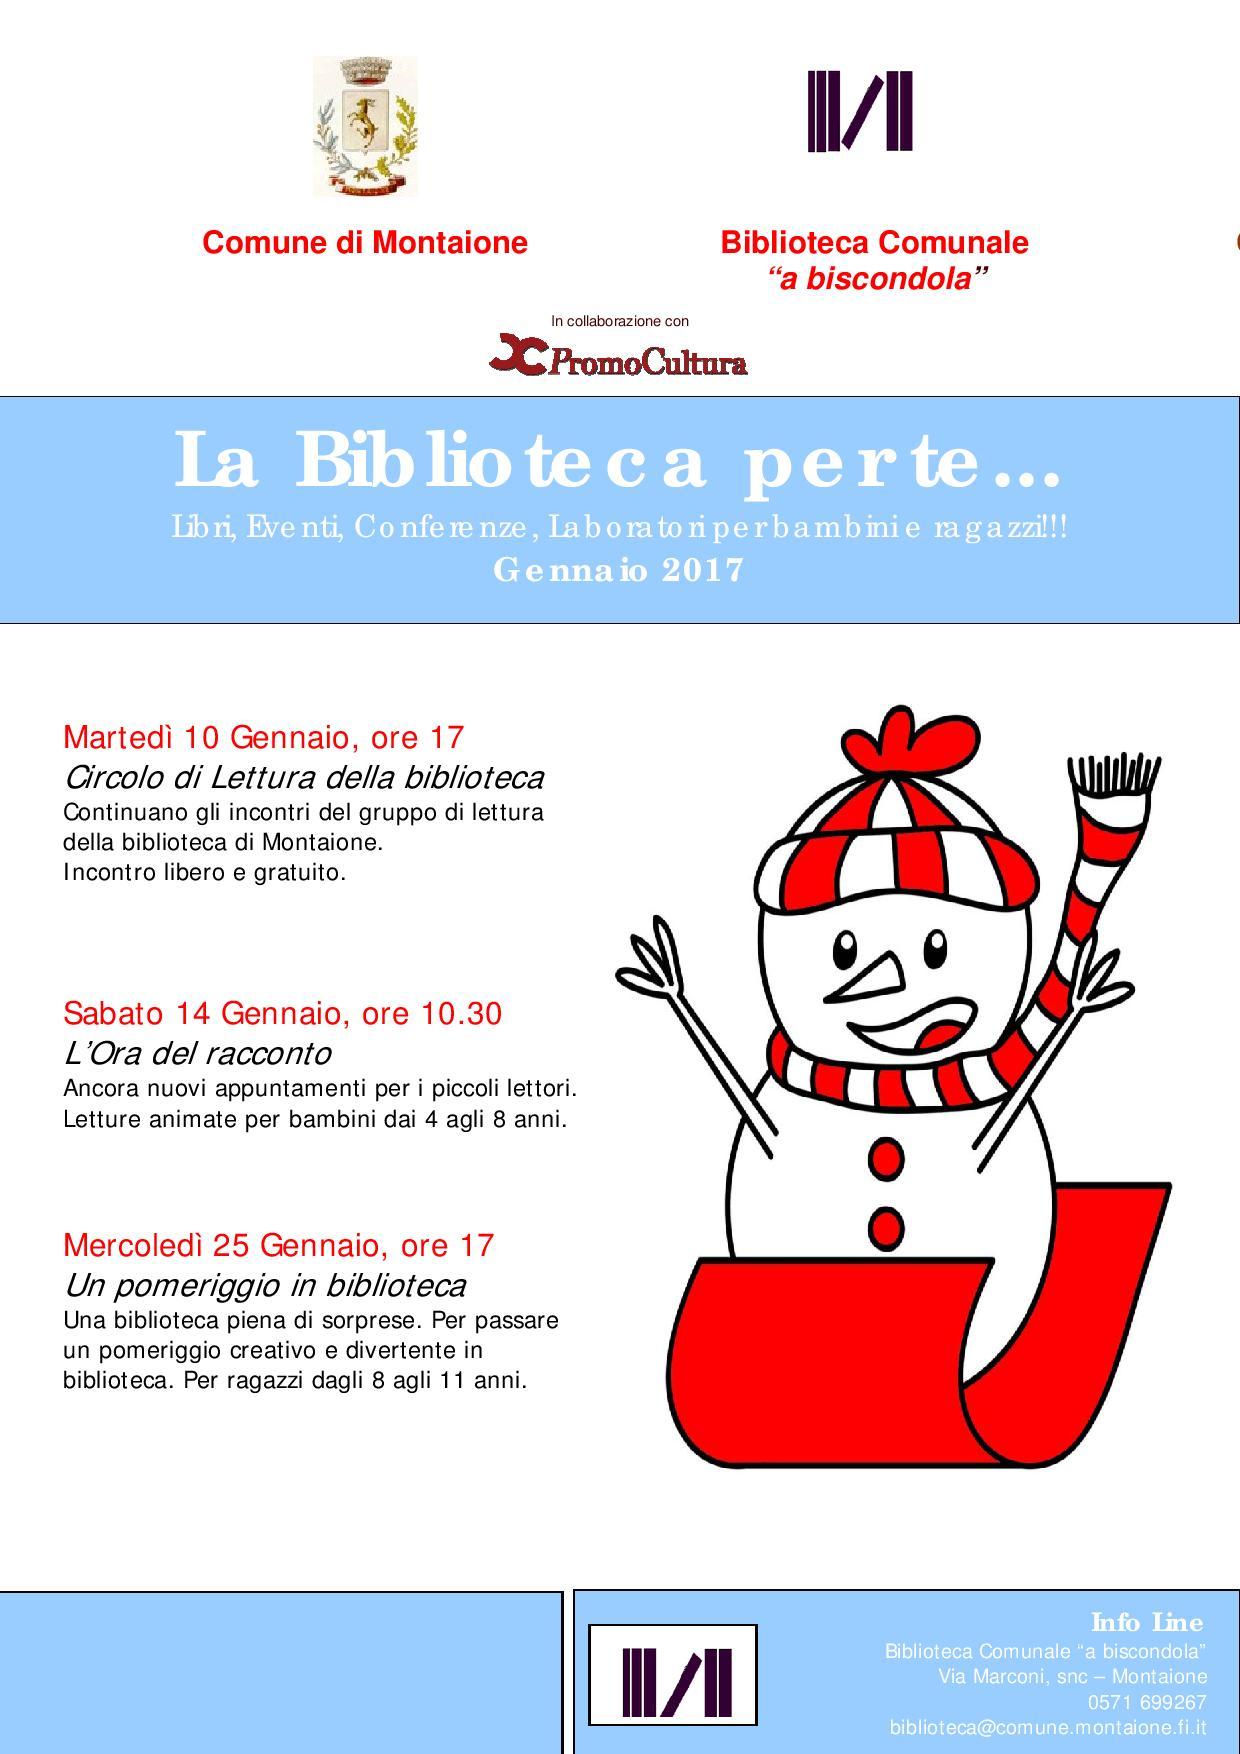 programma-mensile-gennaio-2017-generale_montaione-page-001-1